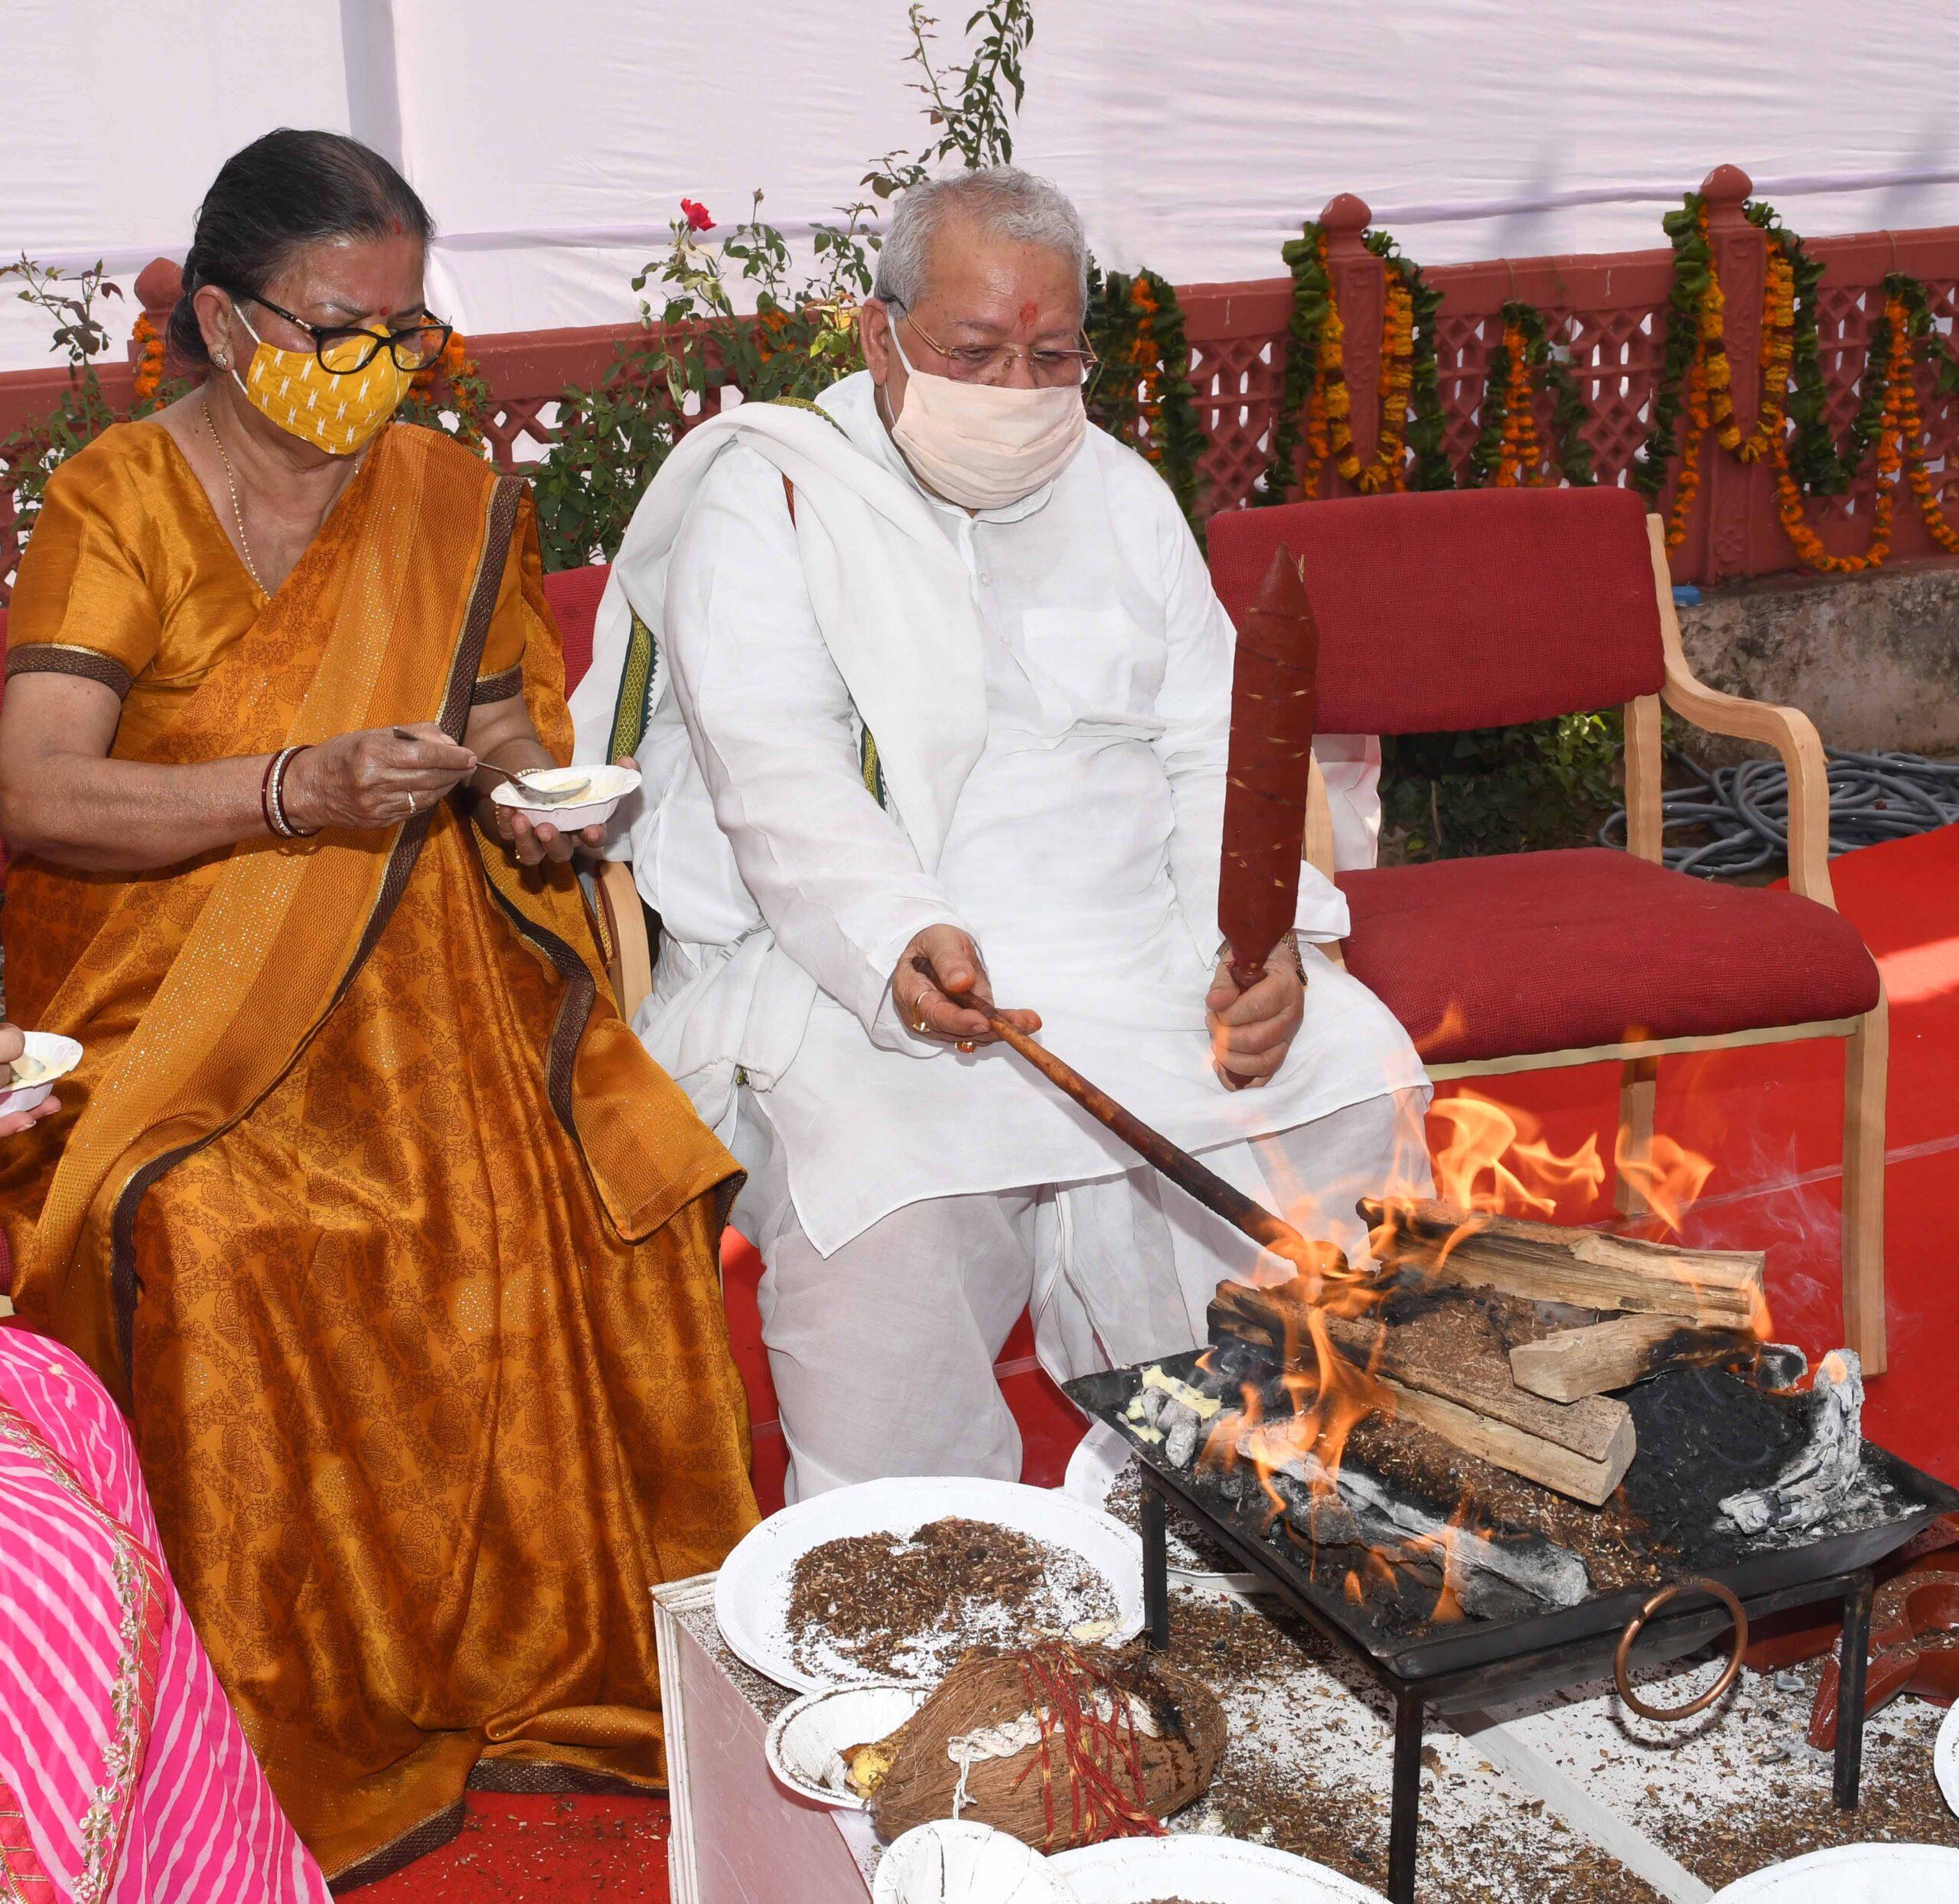 राज्यपाल श्री कलराज मिश्र ने पूजा, अर्चना और हवन कर प्रदेश की खुशहाली की कामना की